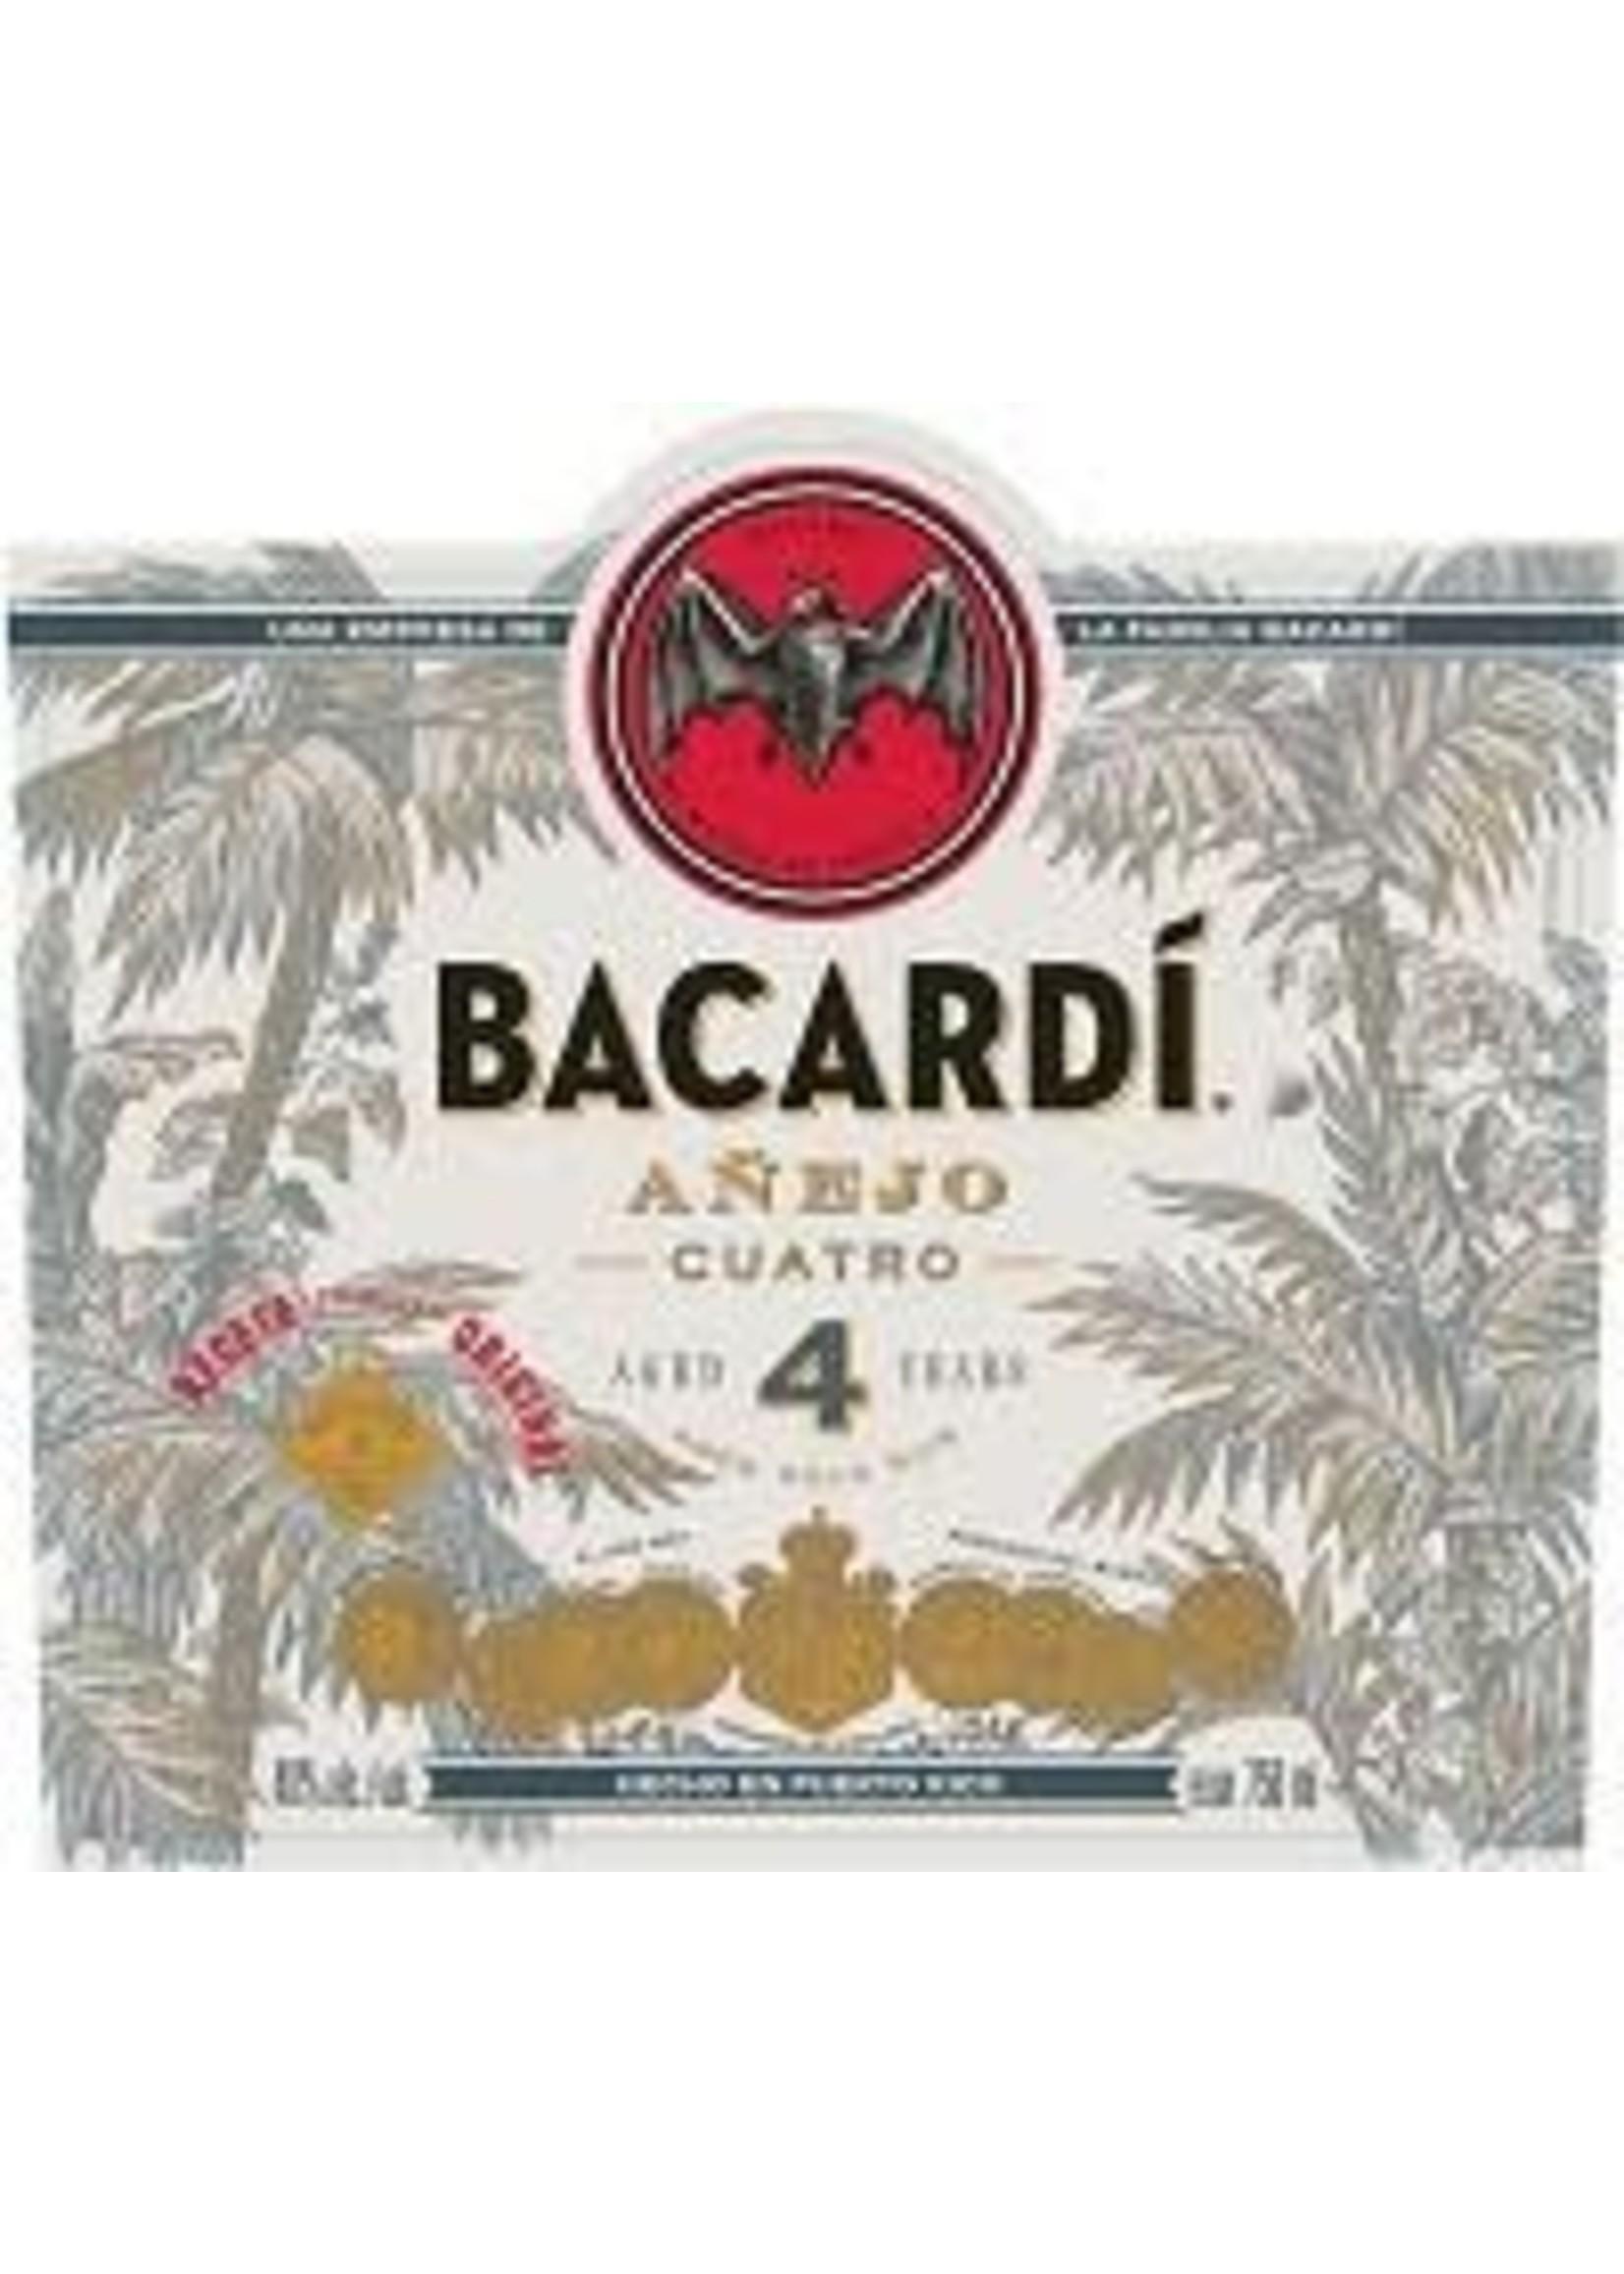 BACARDI Bacardi / Anejo Cuatro /1.0L